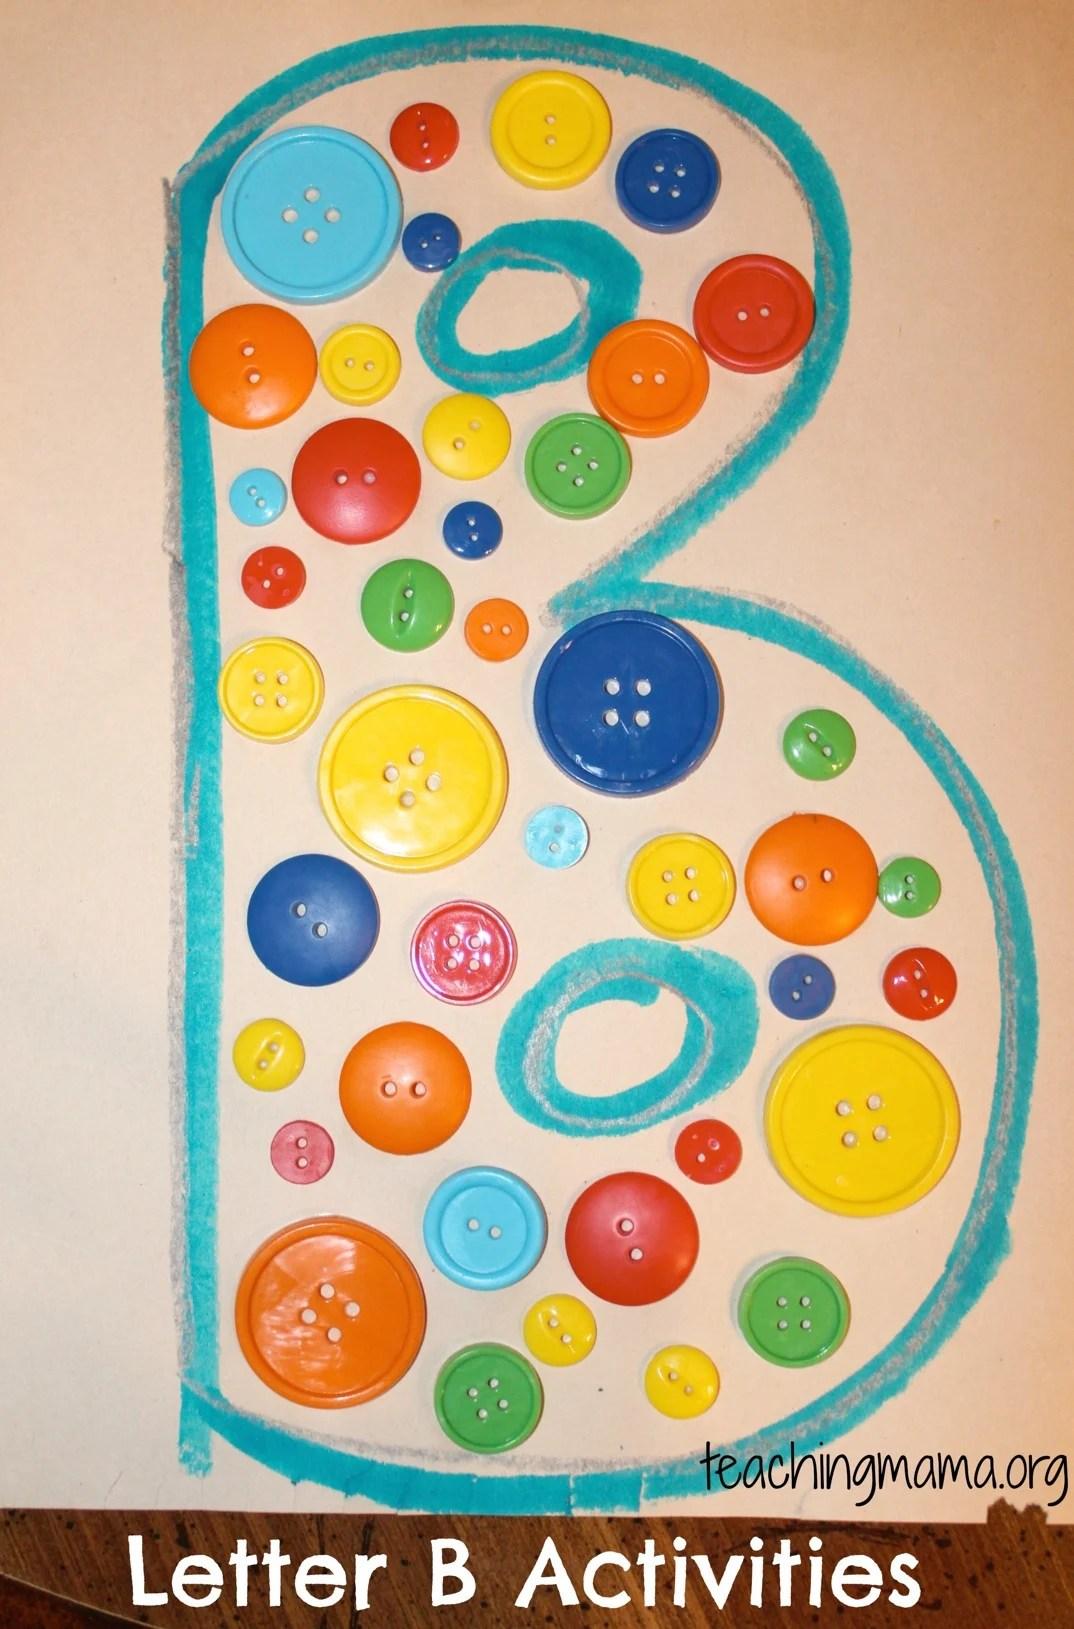 Letter B Activities For Preschoolers